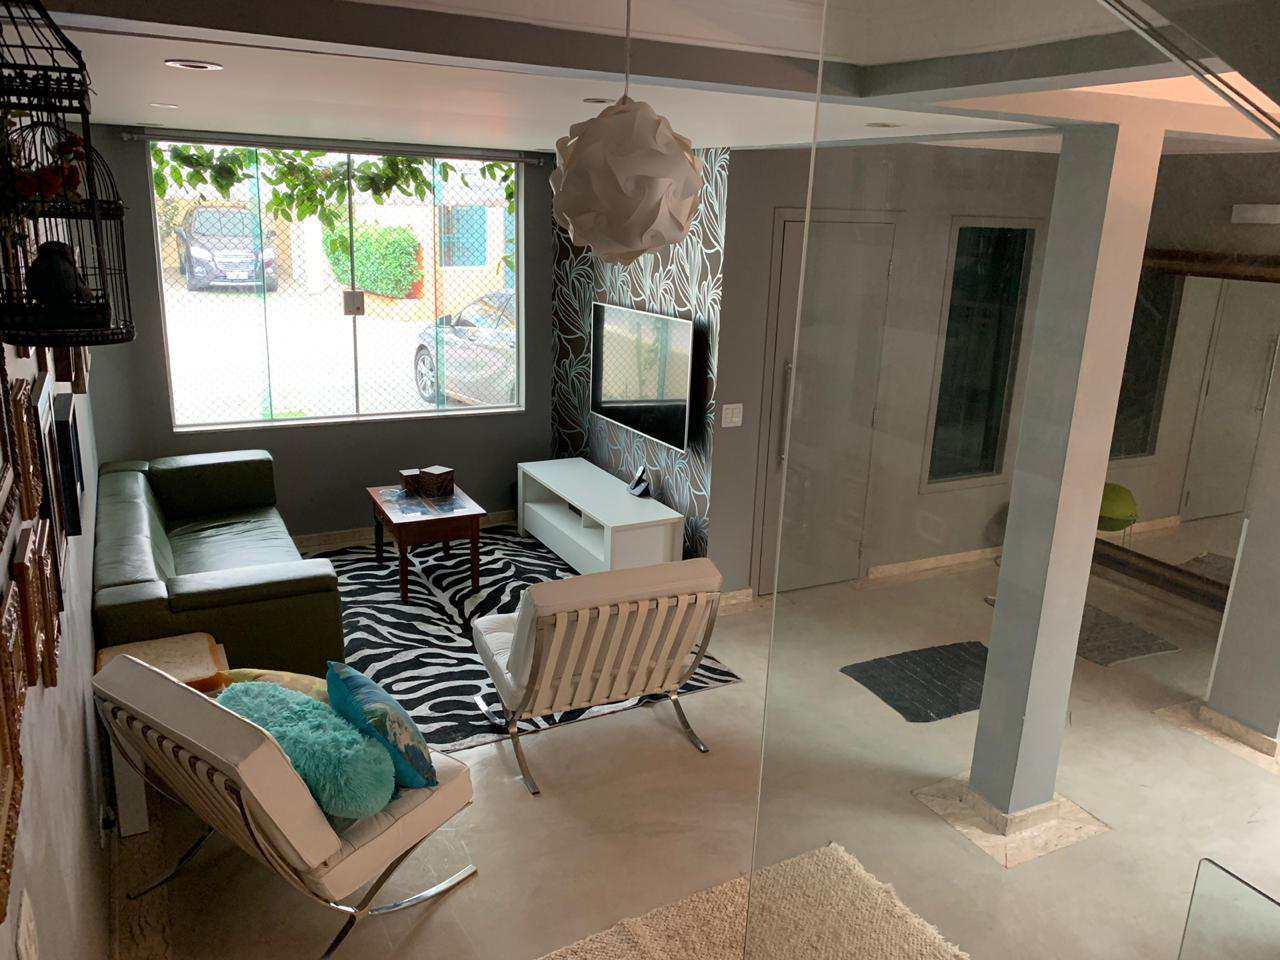 Sobrado de Condomínio com 3 dorms, Vila Alice, Santo André - R$ 910 mil, Cod: 1576